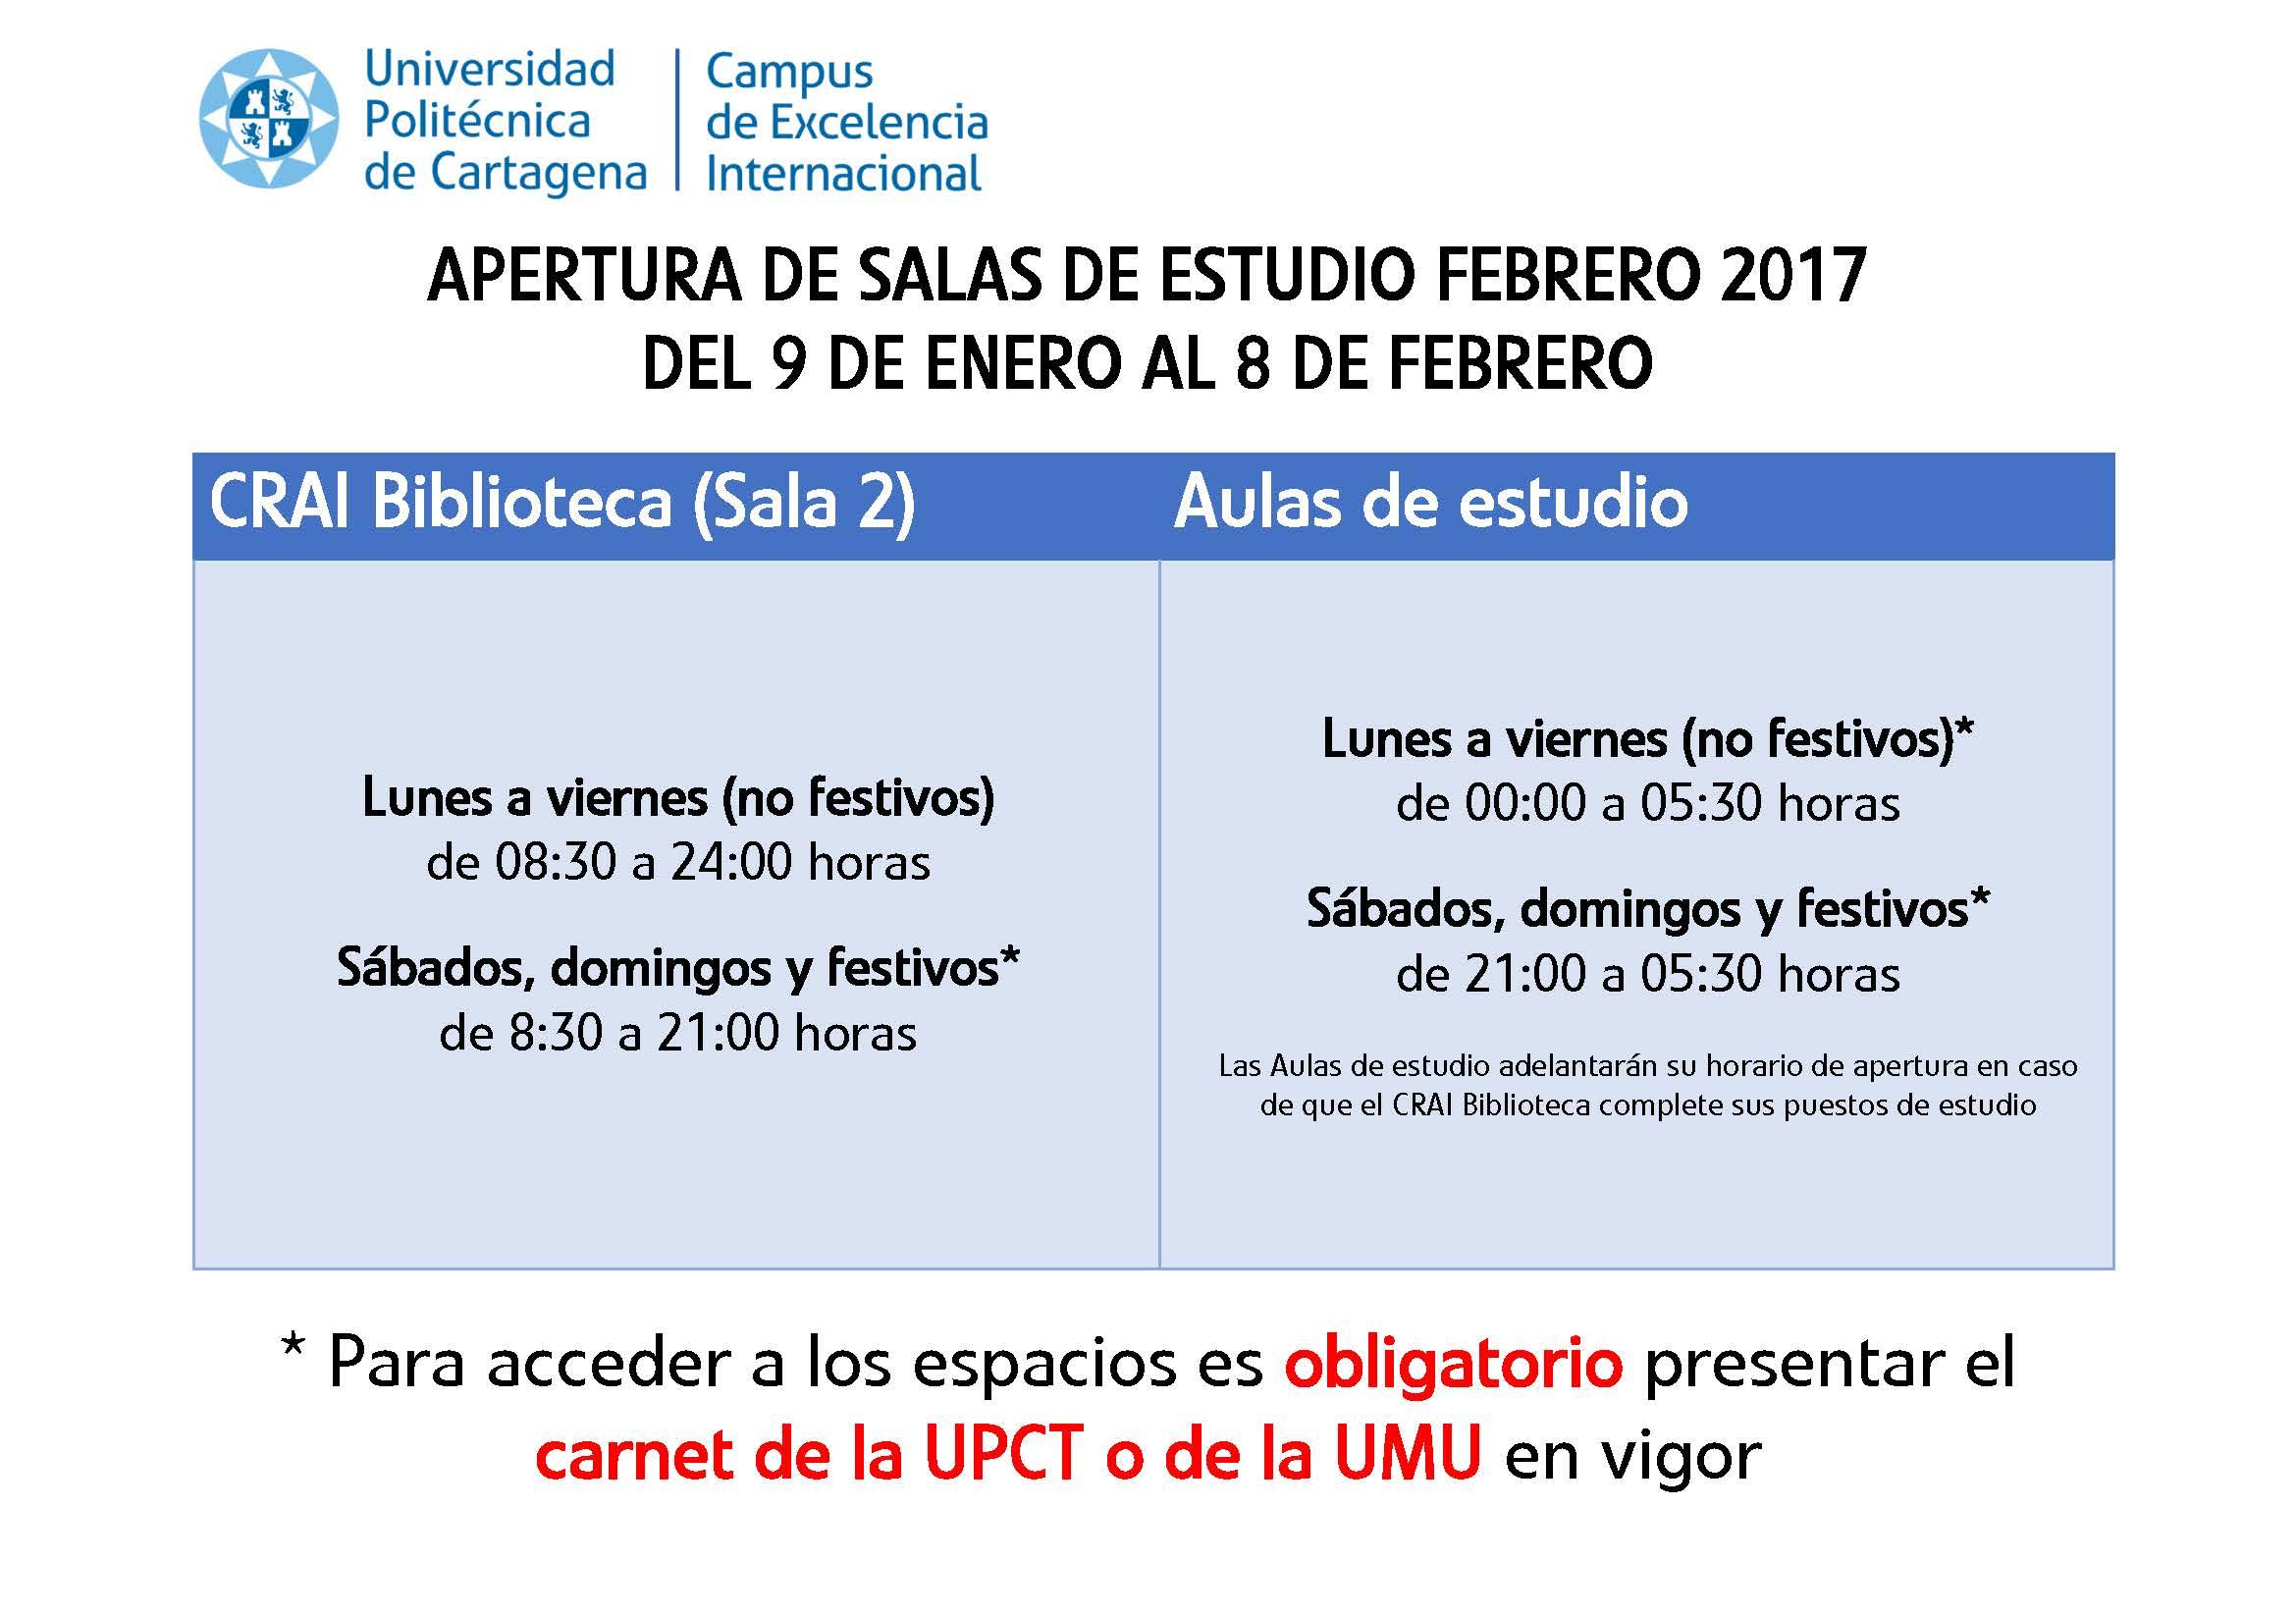 Calendario Salas Estudio Febrero 2017